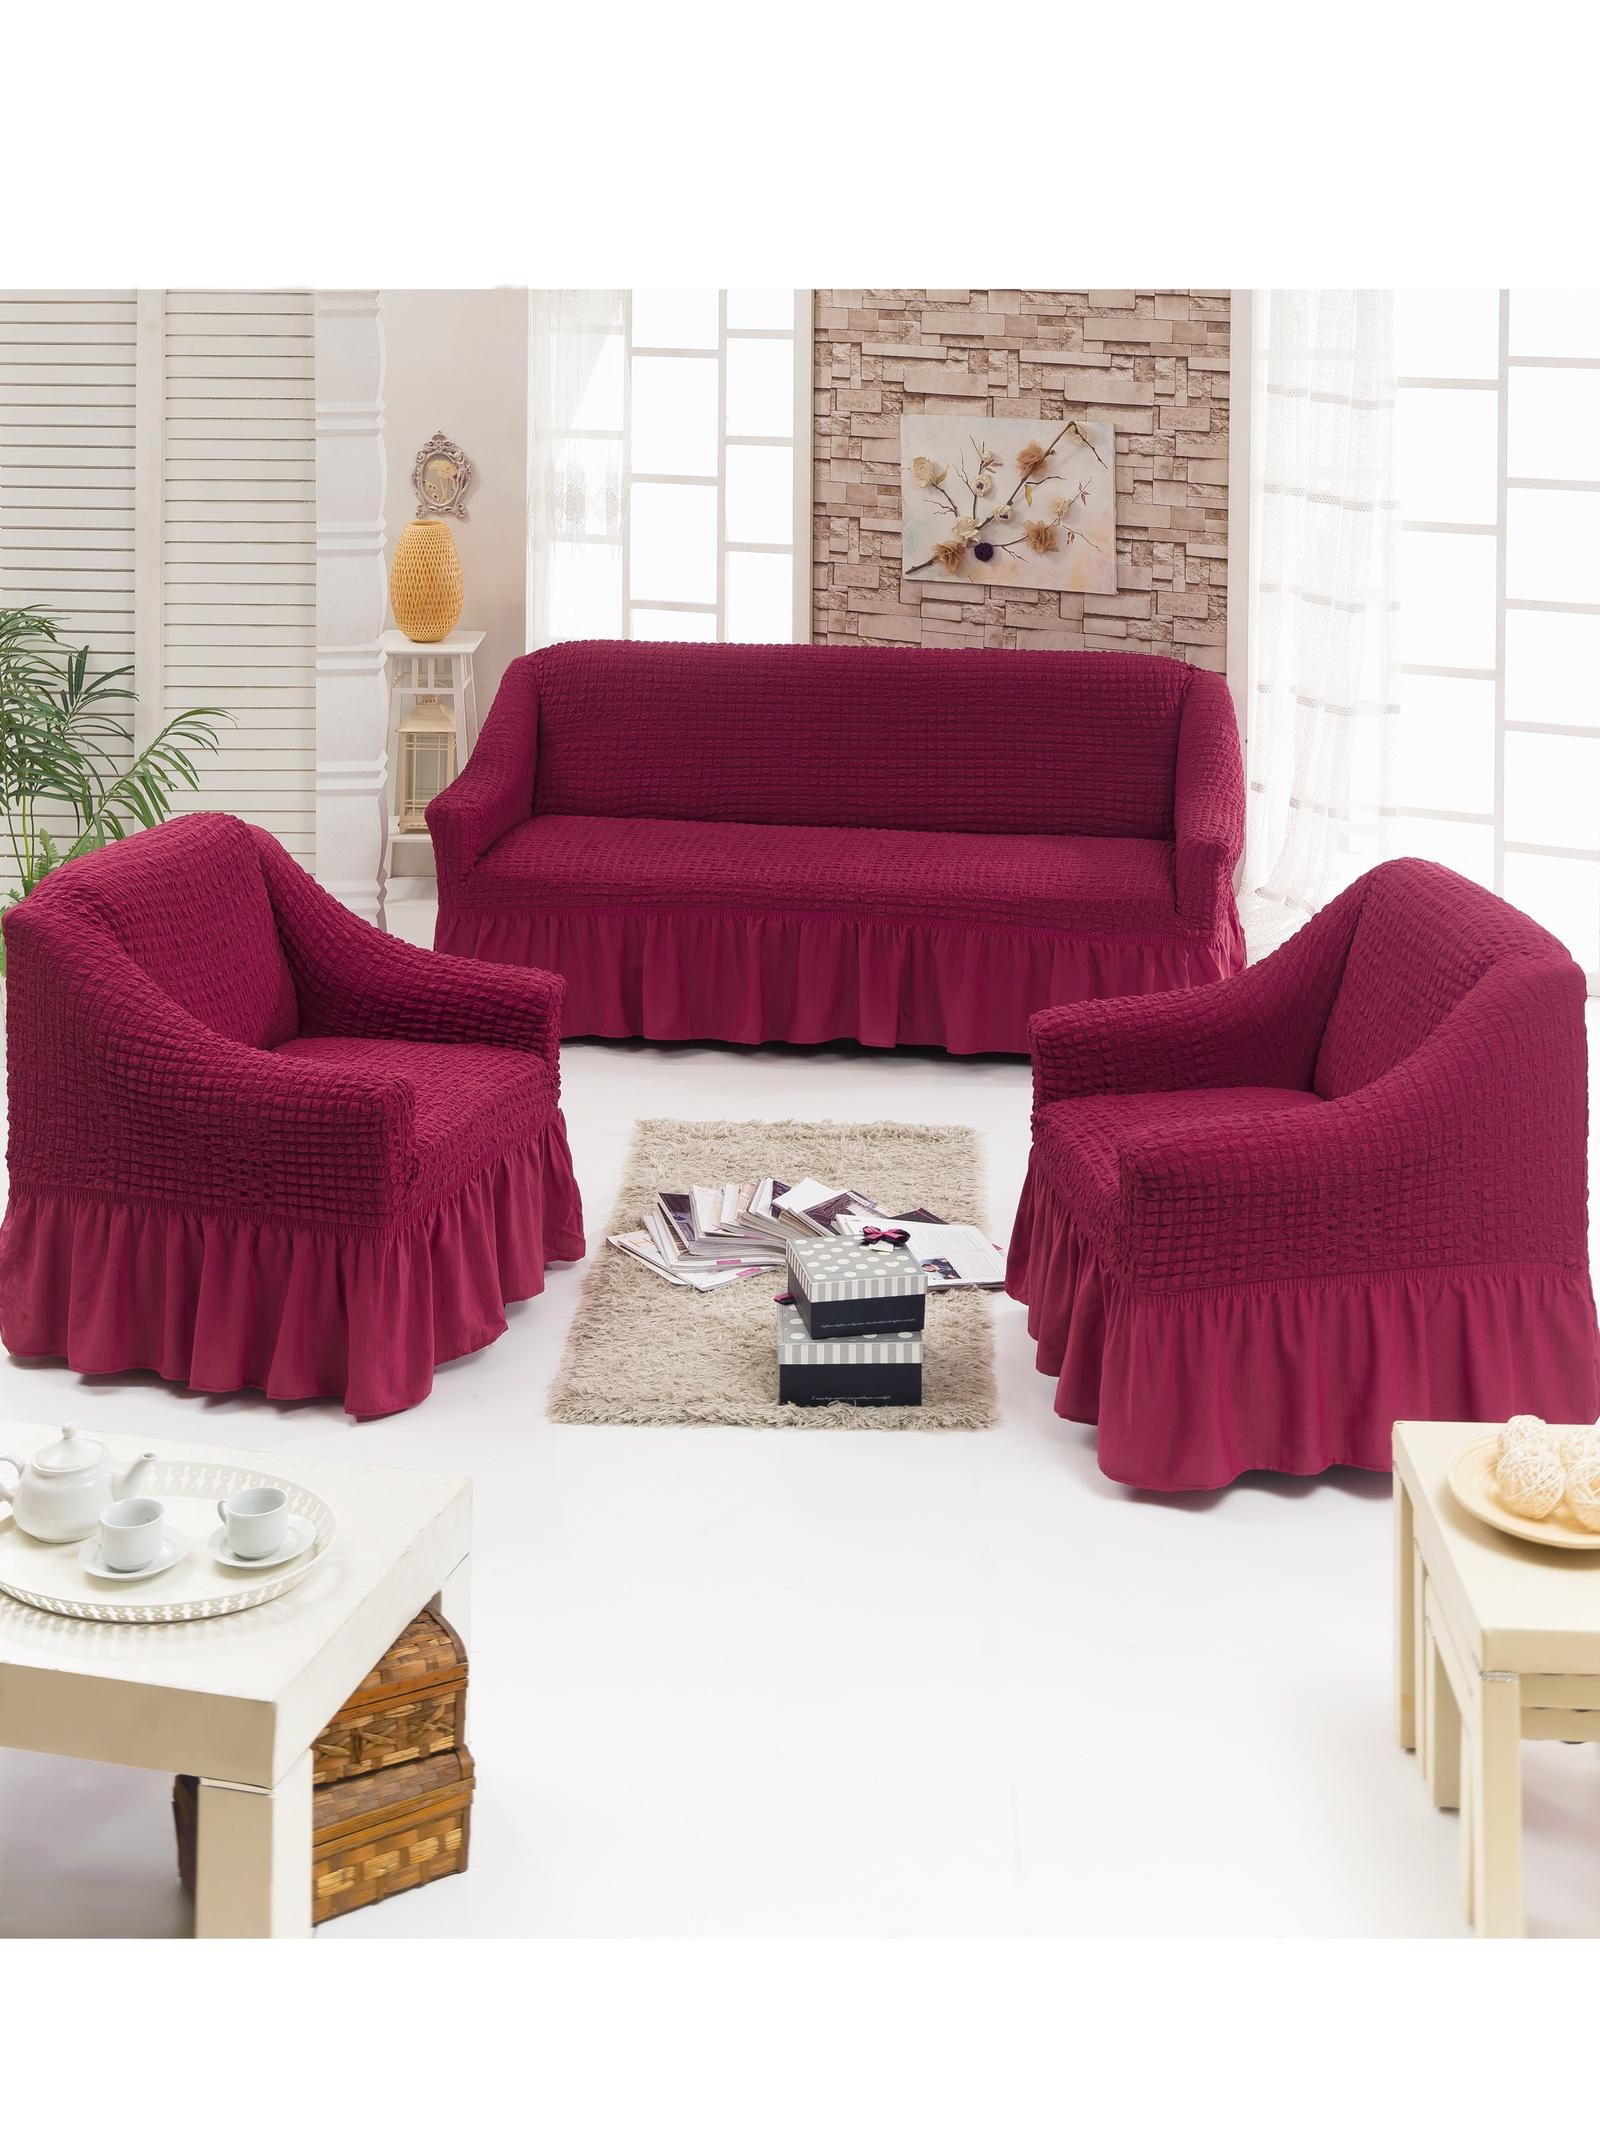 Чехол на мебель JUANNA Чехол д/мягкой мебели 3-х пр.(3+1+1) JUANNA_бордовый, бордовый комплект мягкой мебели пульсар 3 3 1 1